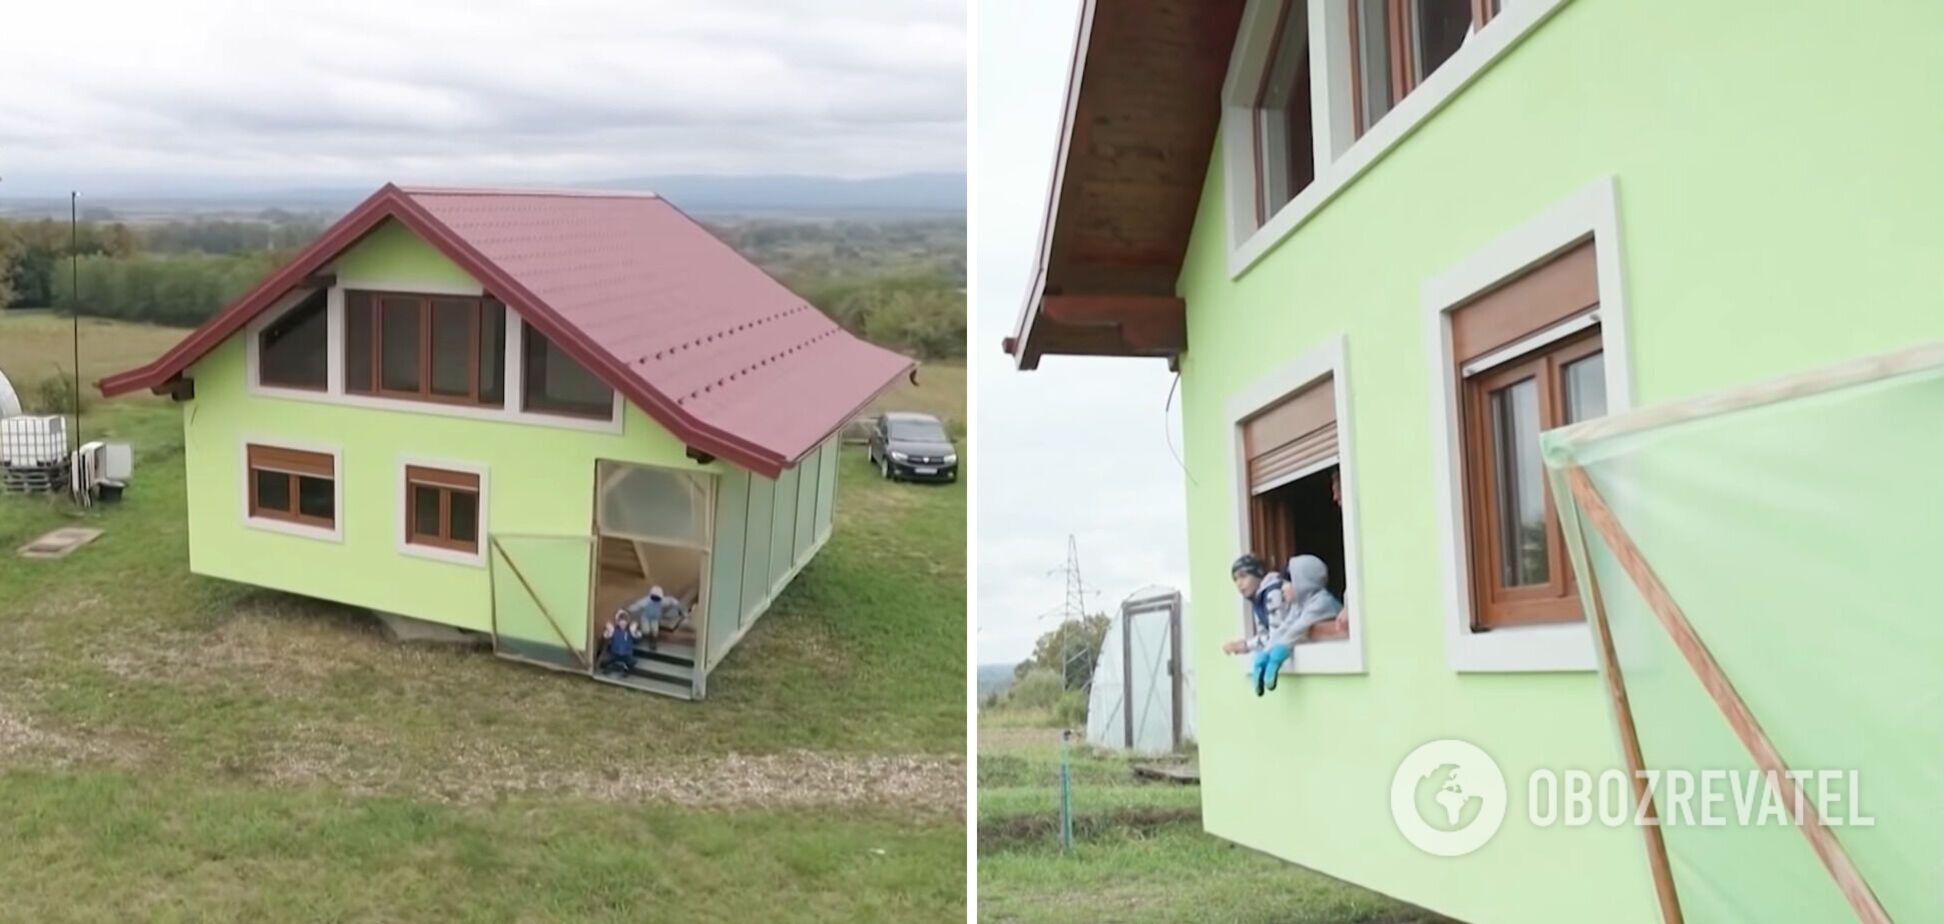 Чоловік побудував обертовий будинок заради дружини, яку не влаштовував краєвид із вікна. Відео